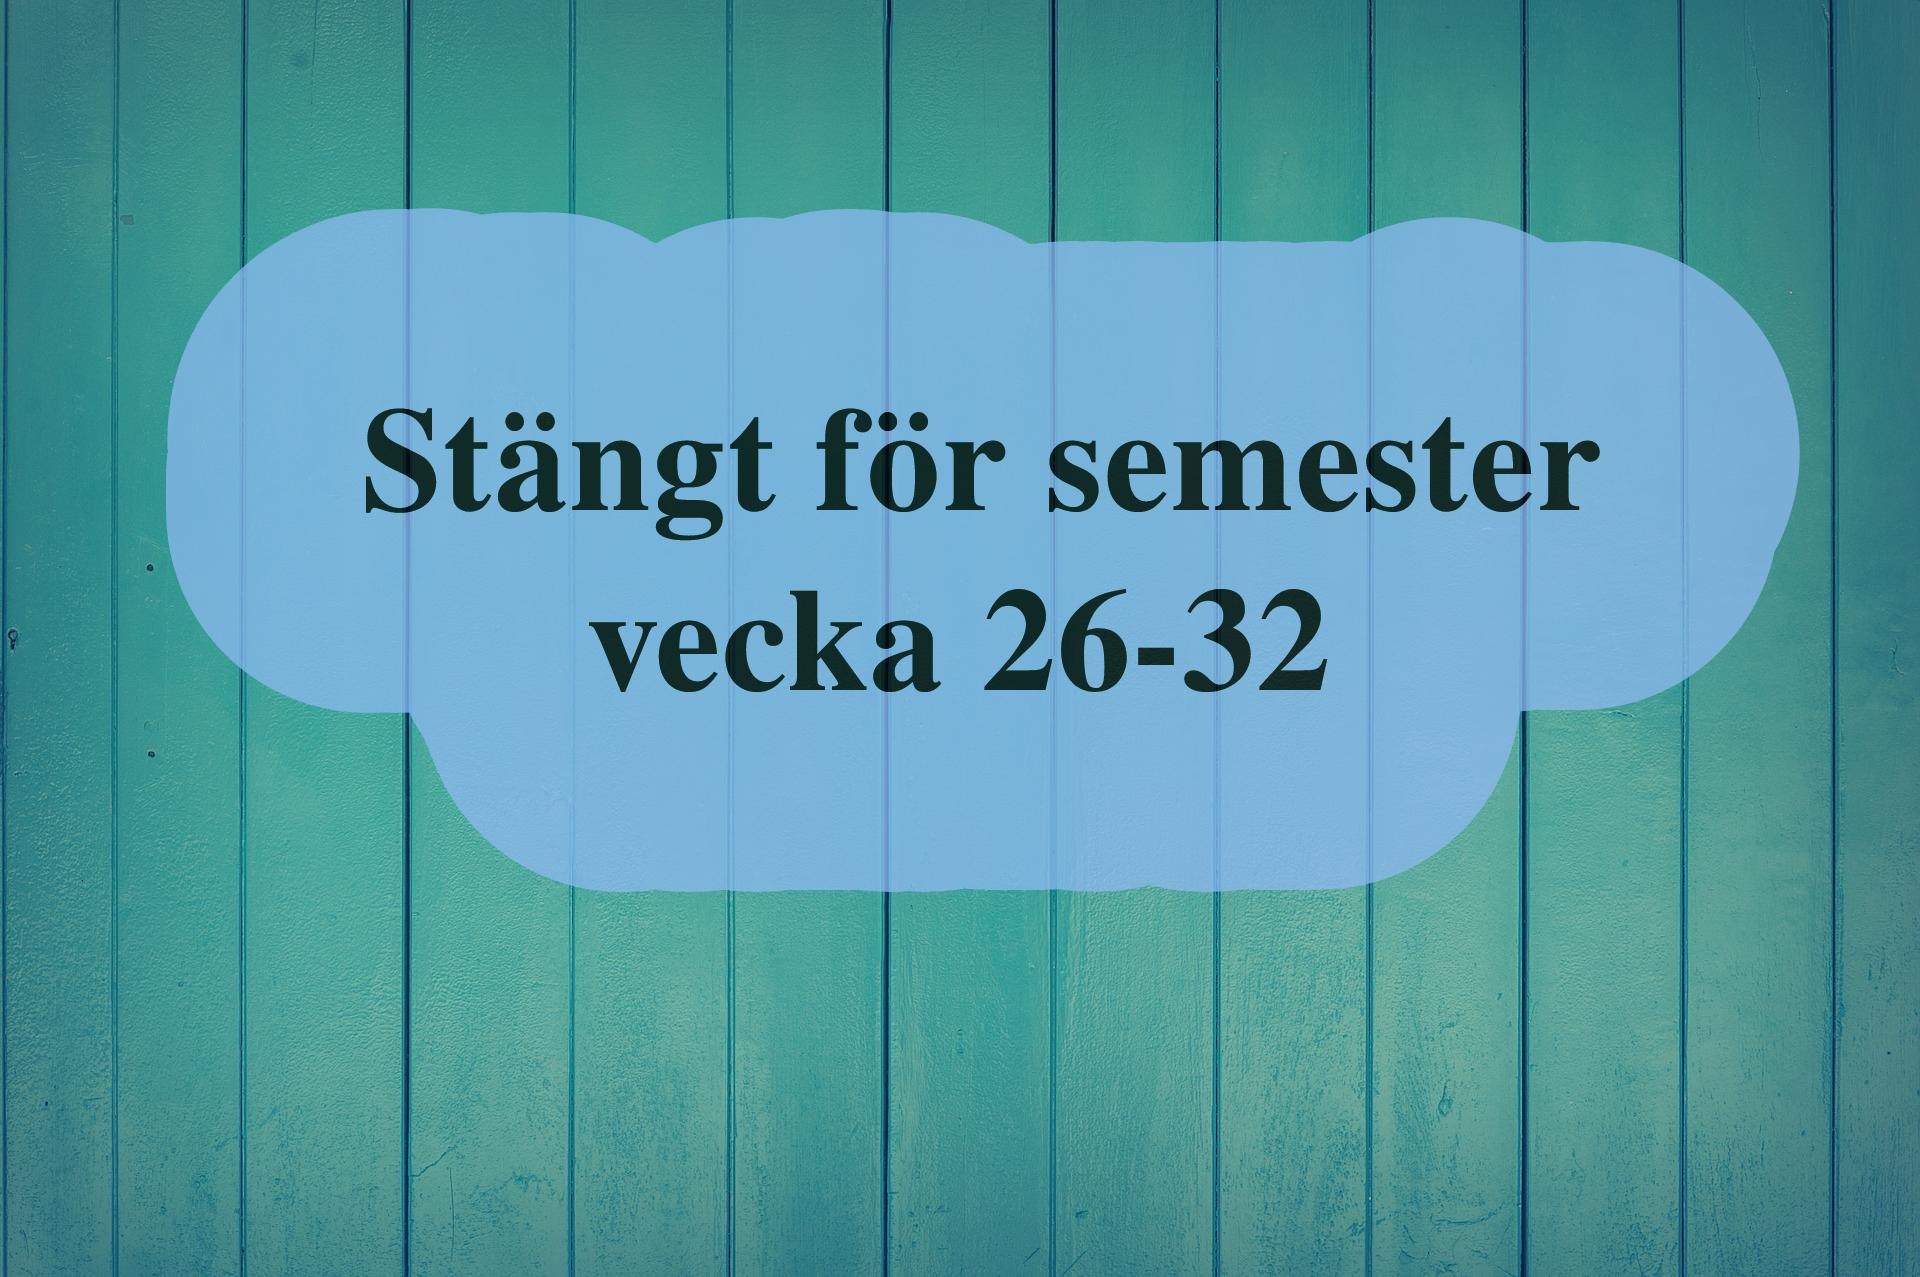 """Blå träplankor syns i bakgrunden. Ovanpå plankorna finns en ljusblå form som täcks av texten: """"Stängt för semester vecka 26-32""""."""